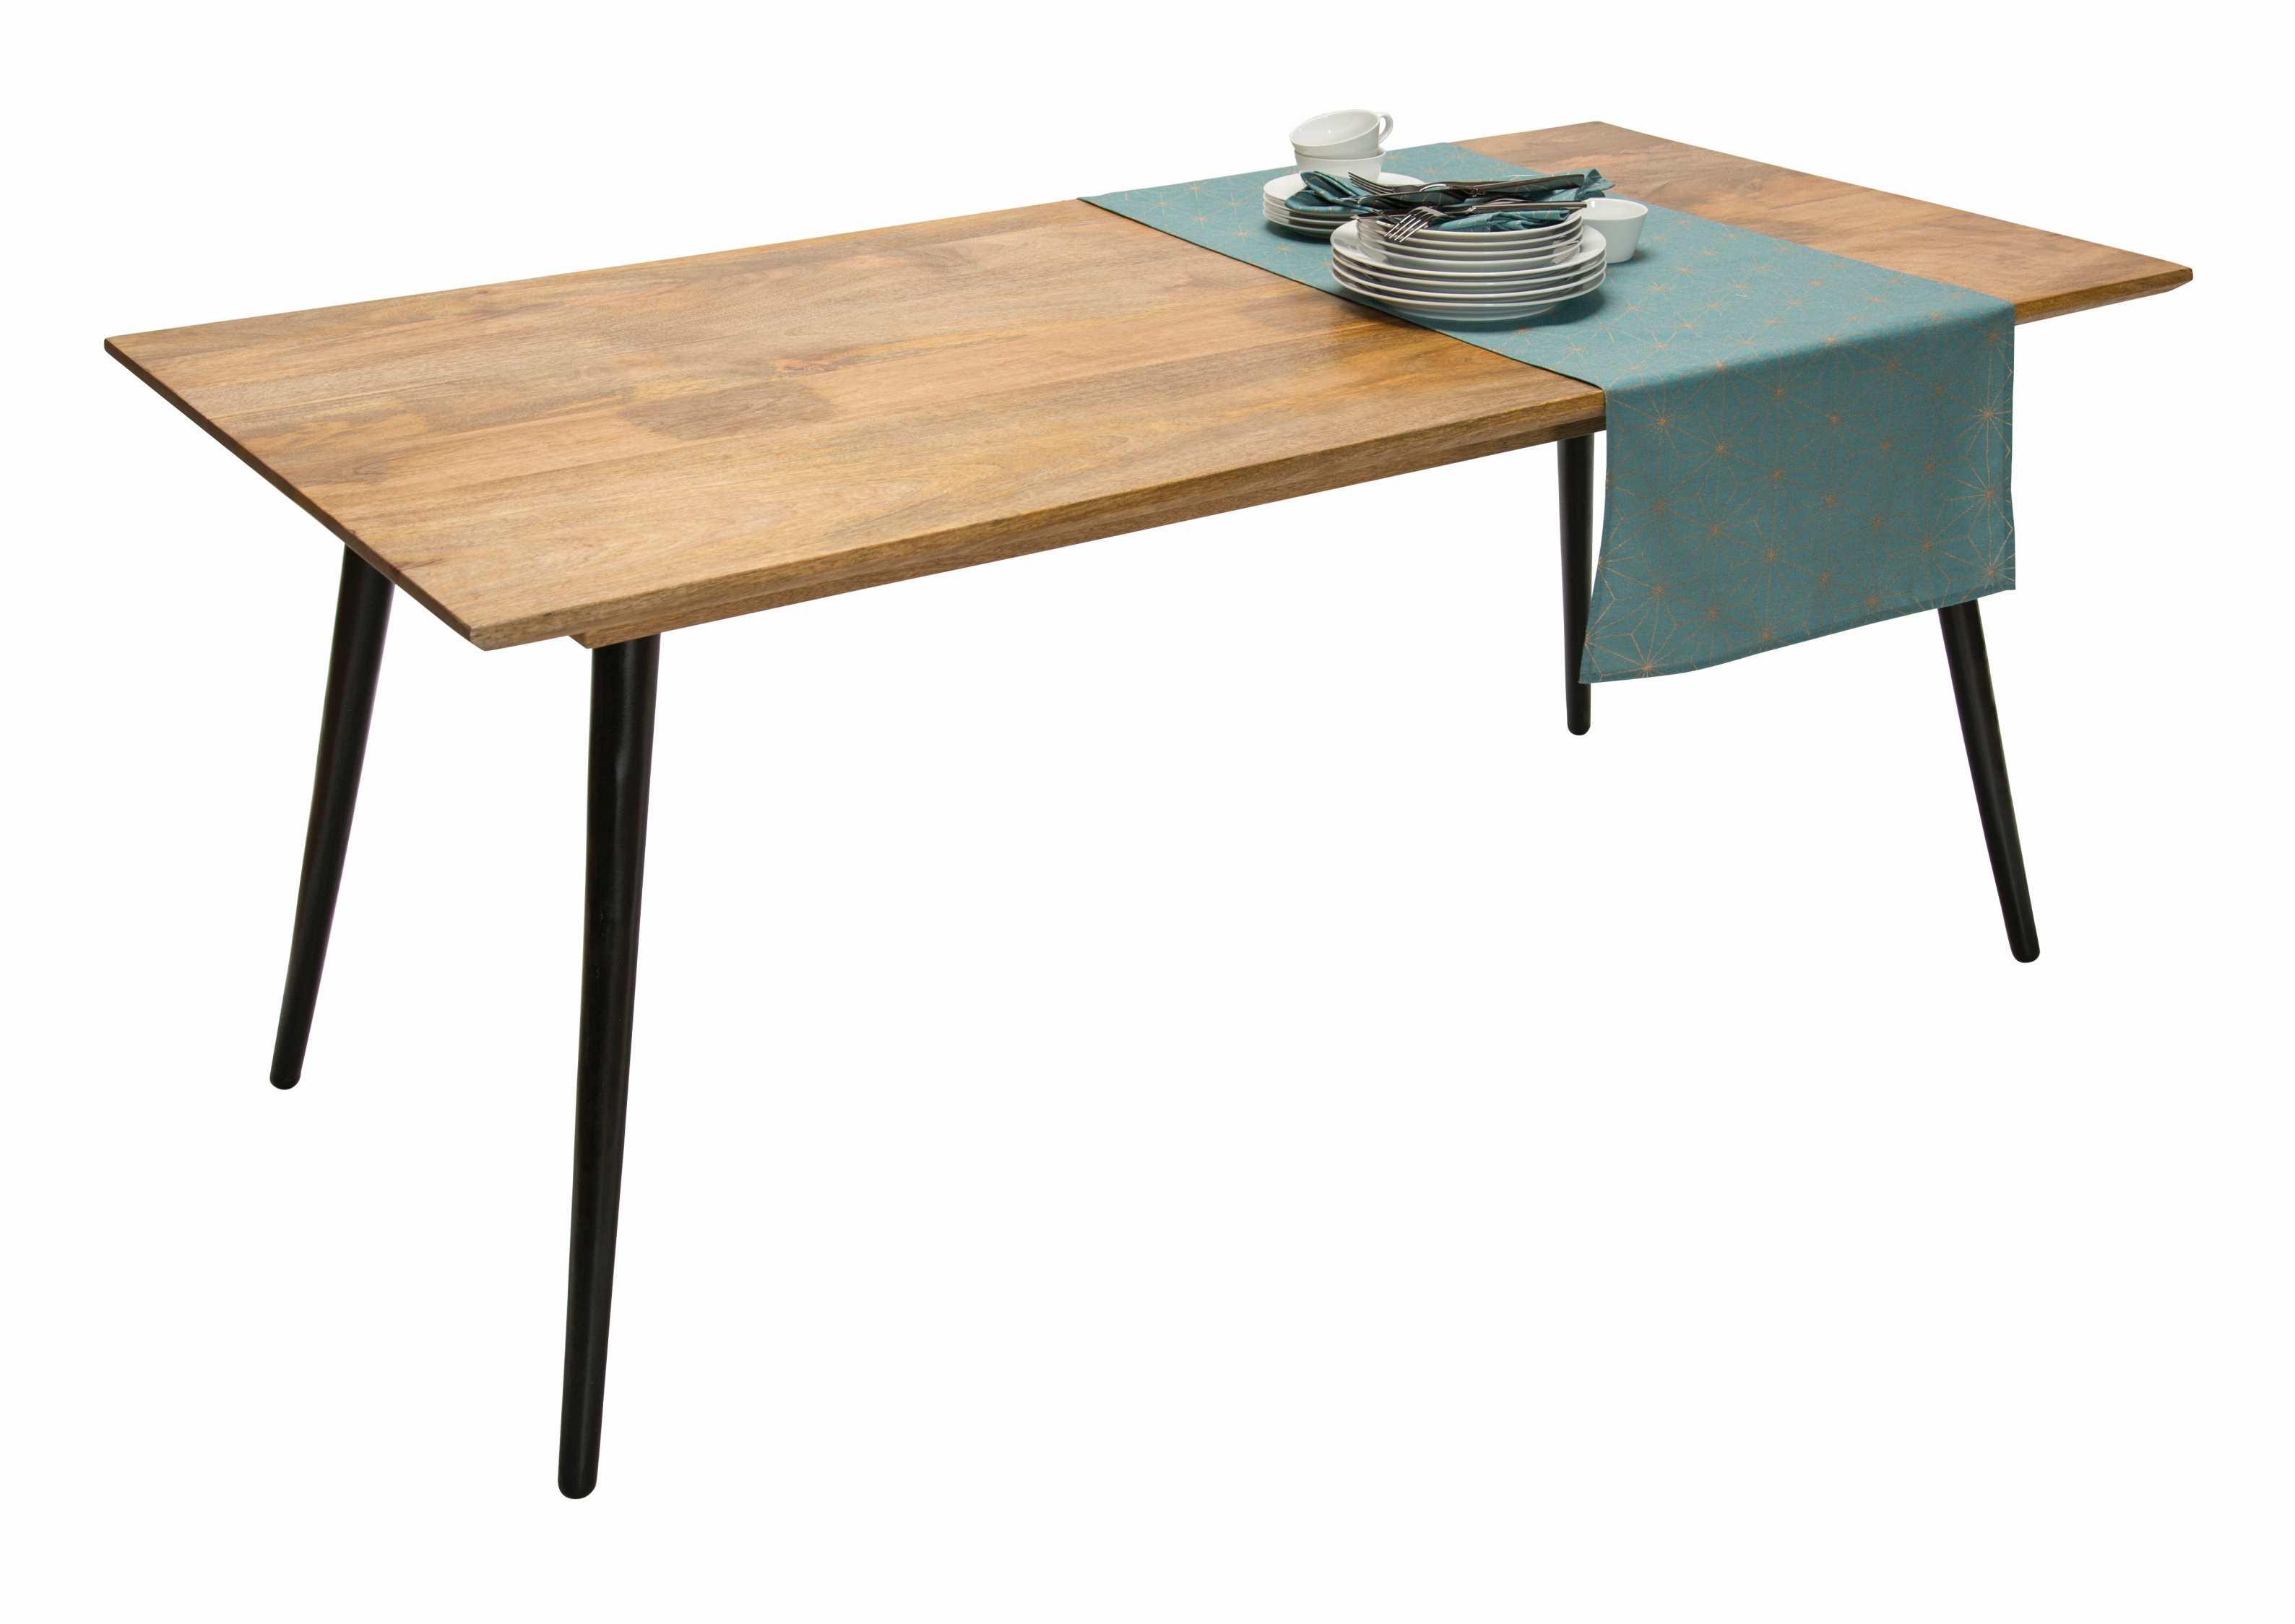 Tom Tailor Tisch 180x90 Cm Tom Tailor 12817 01 Tische Mobel